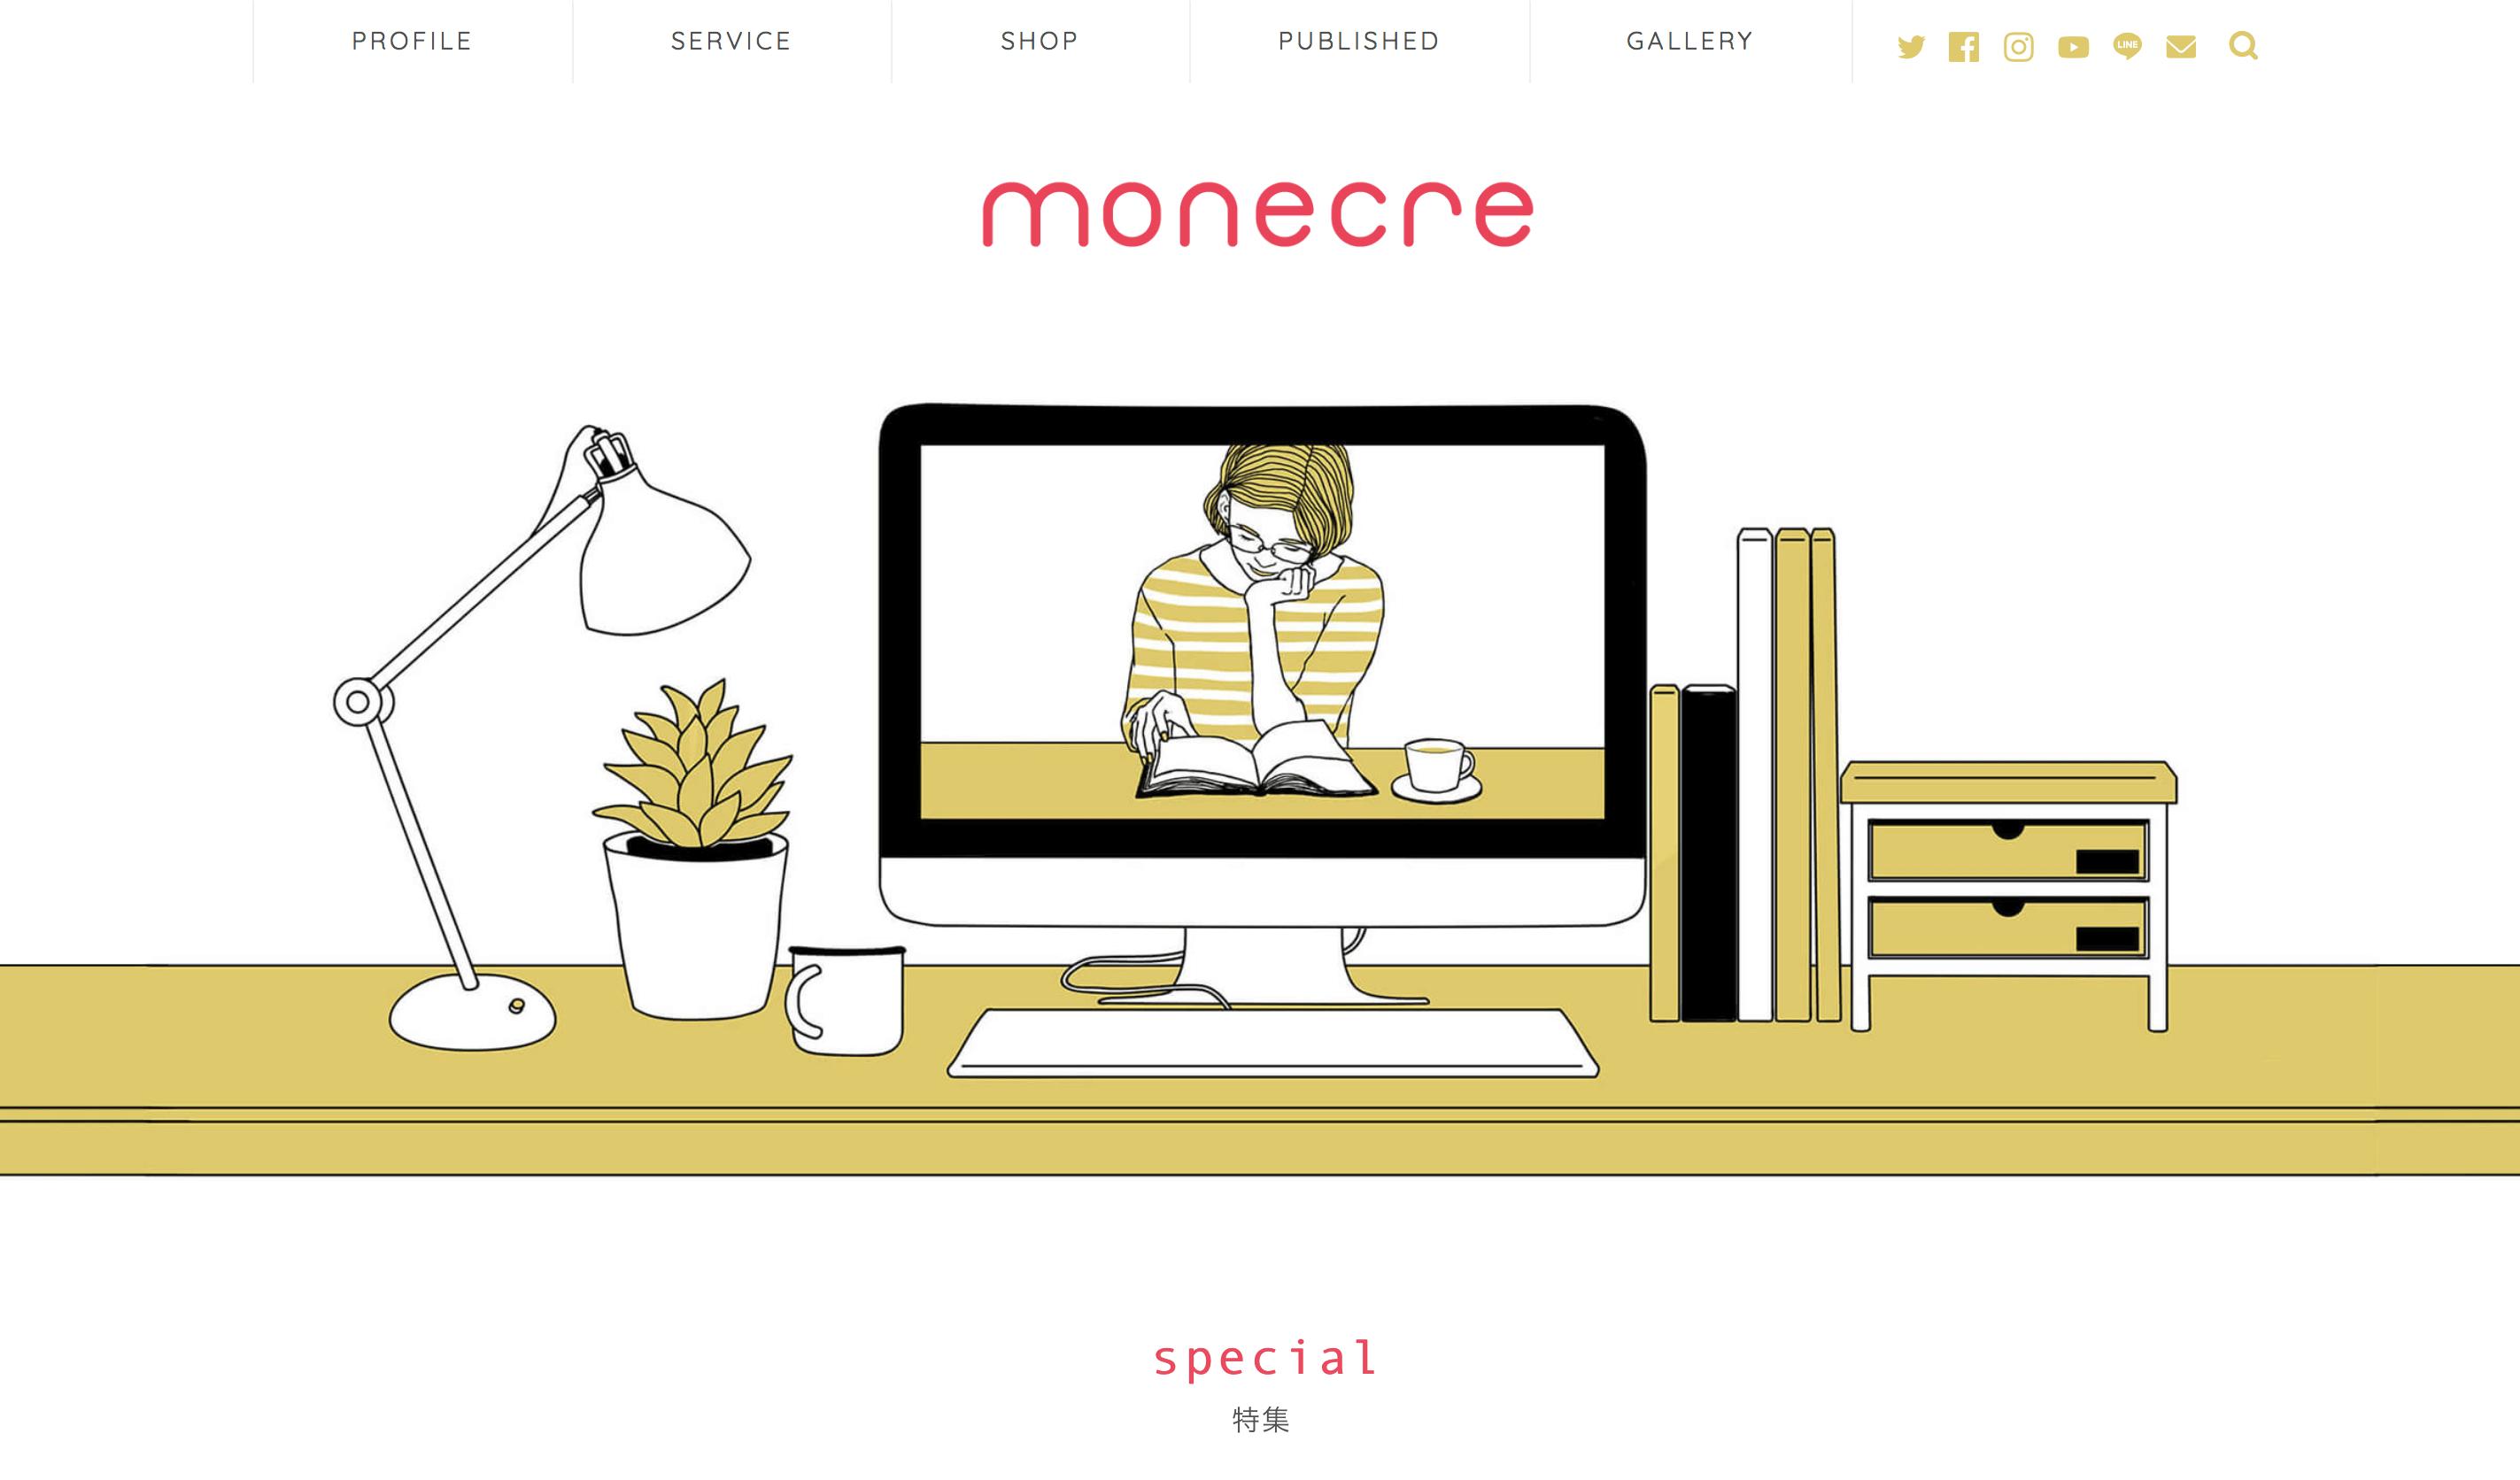 monecre